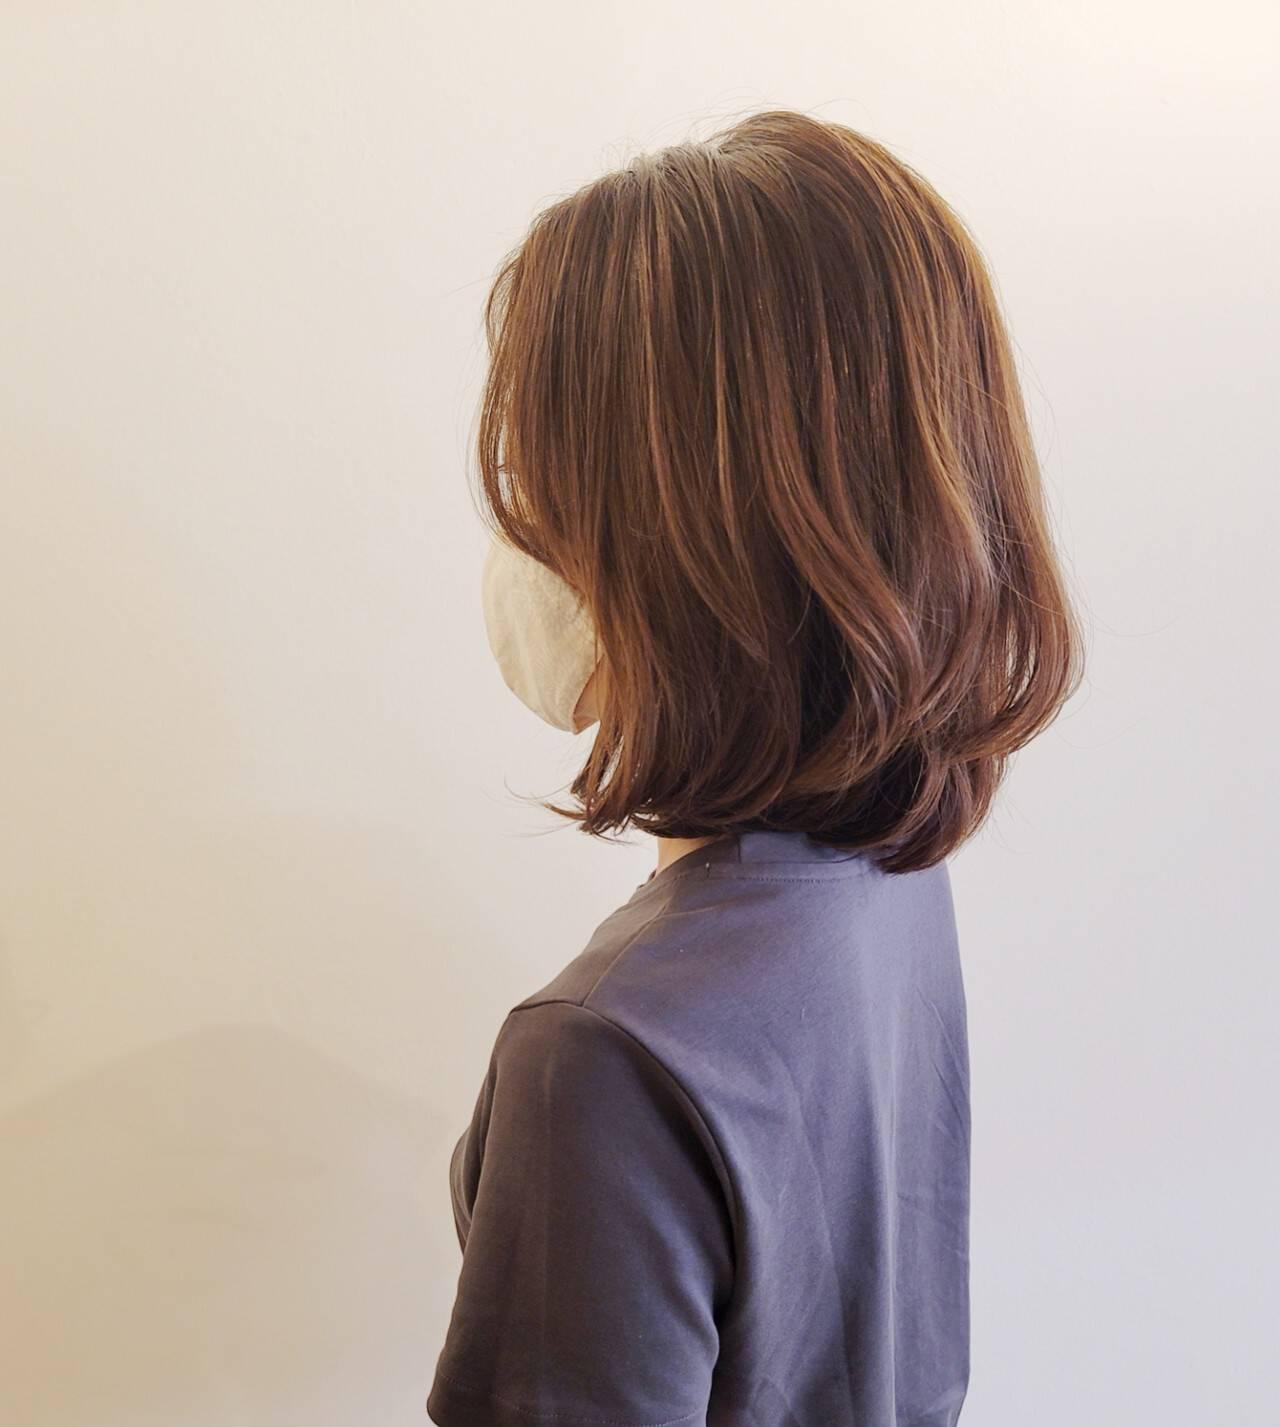 エレガント 大人ミディアム アンニュイ ミディアムヘアスタイルや髪型の写真・画像